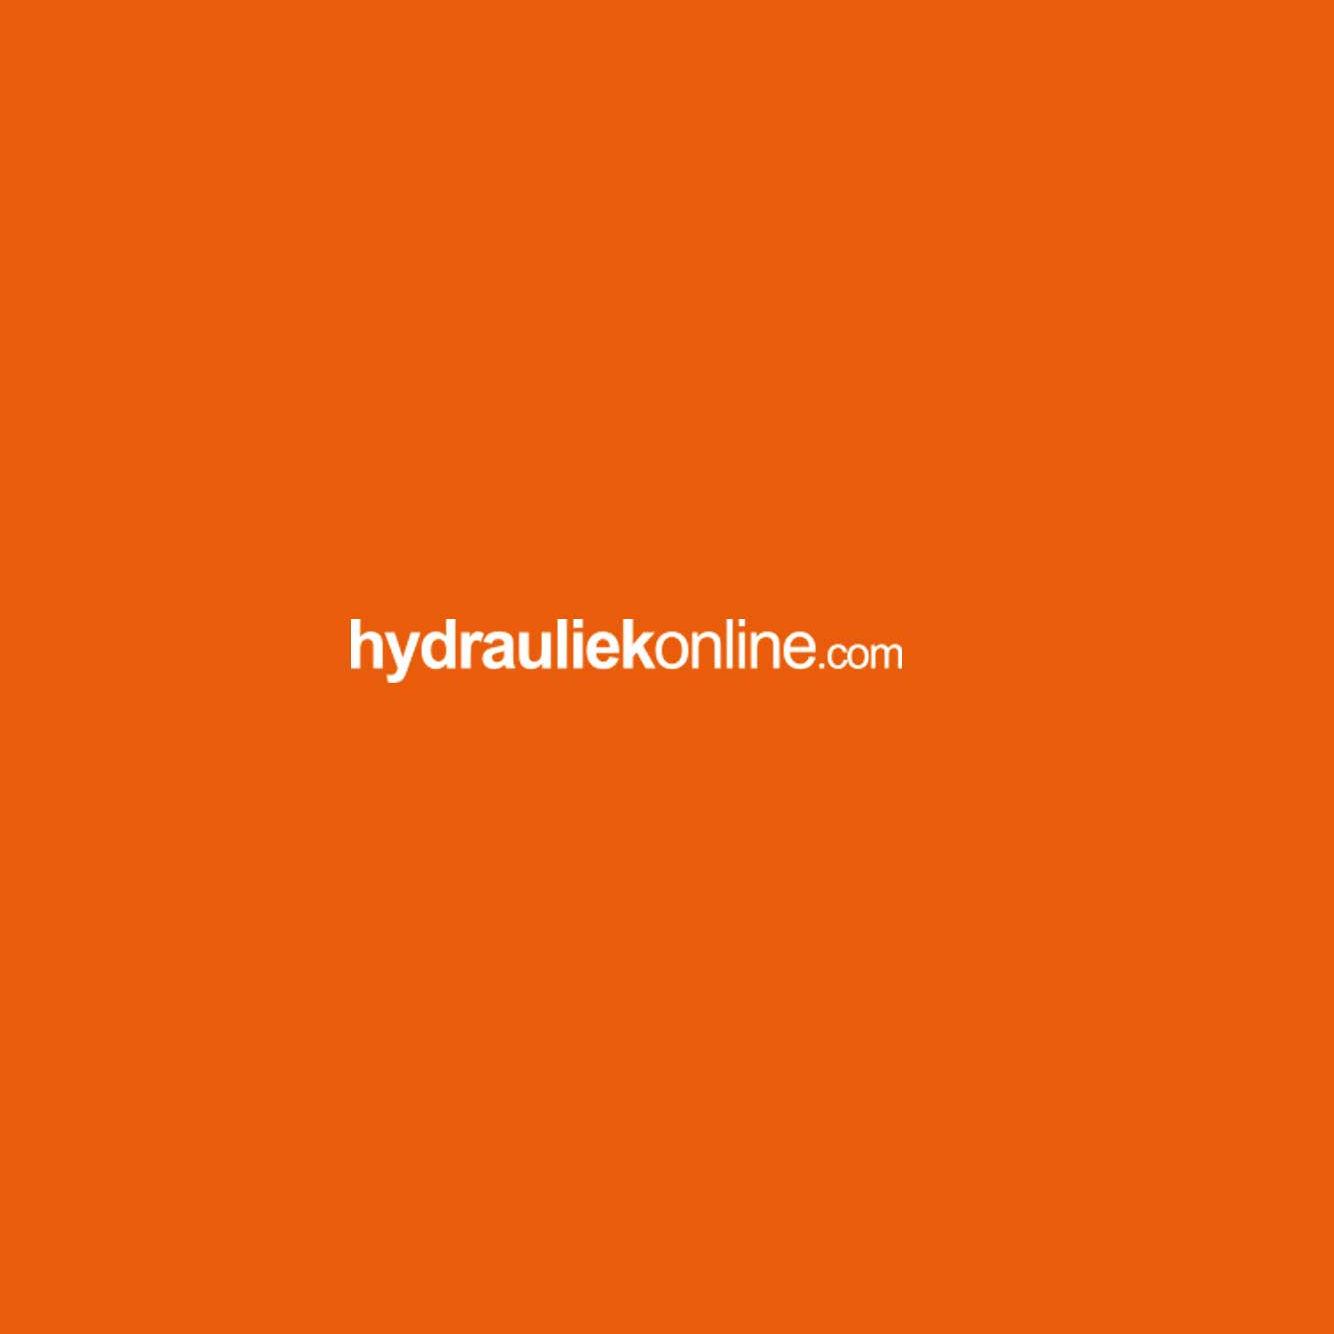 hydrauliek-online-955.JPG